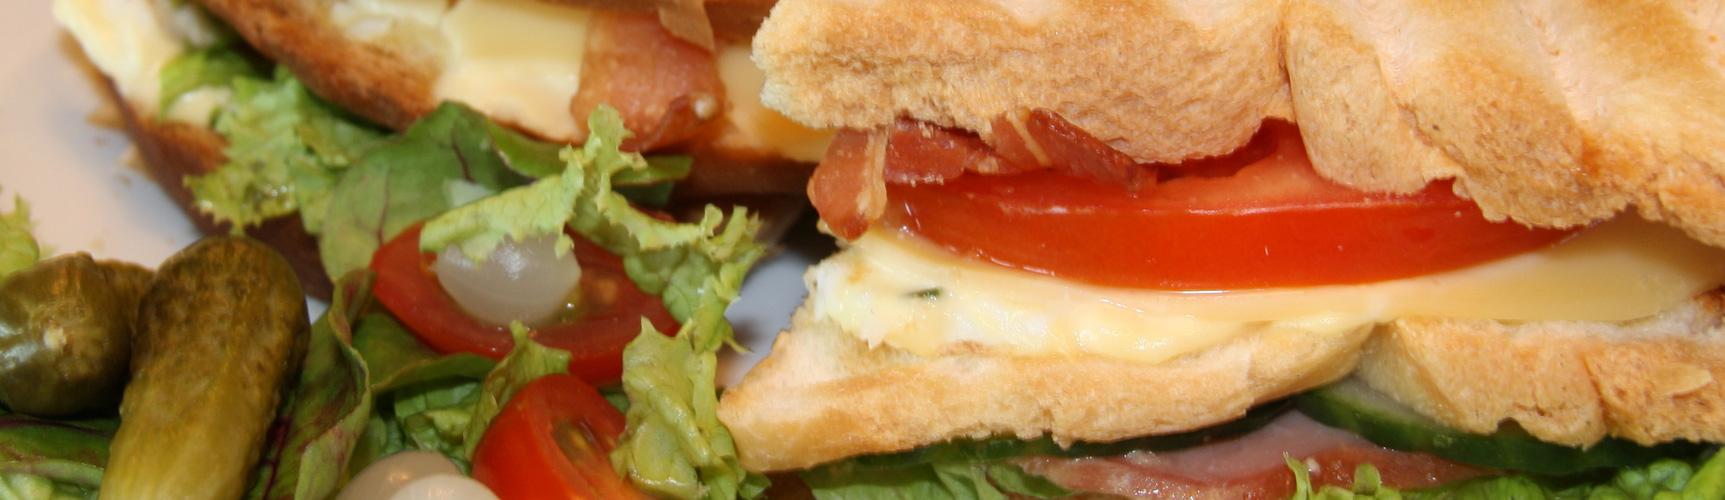 club-sandwich-018